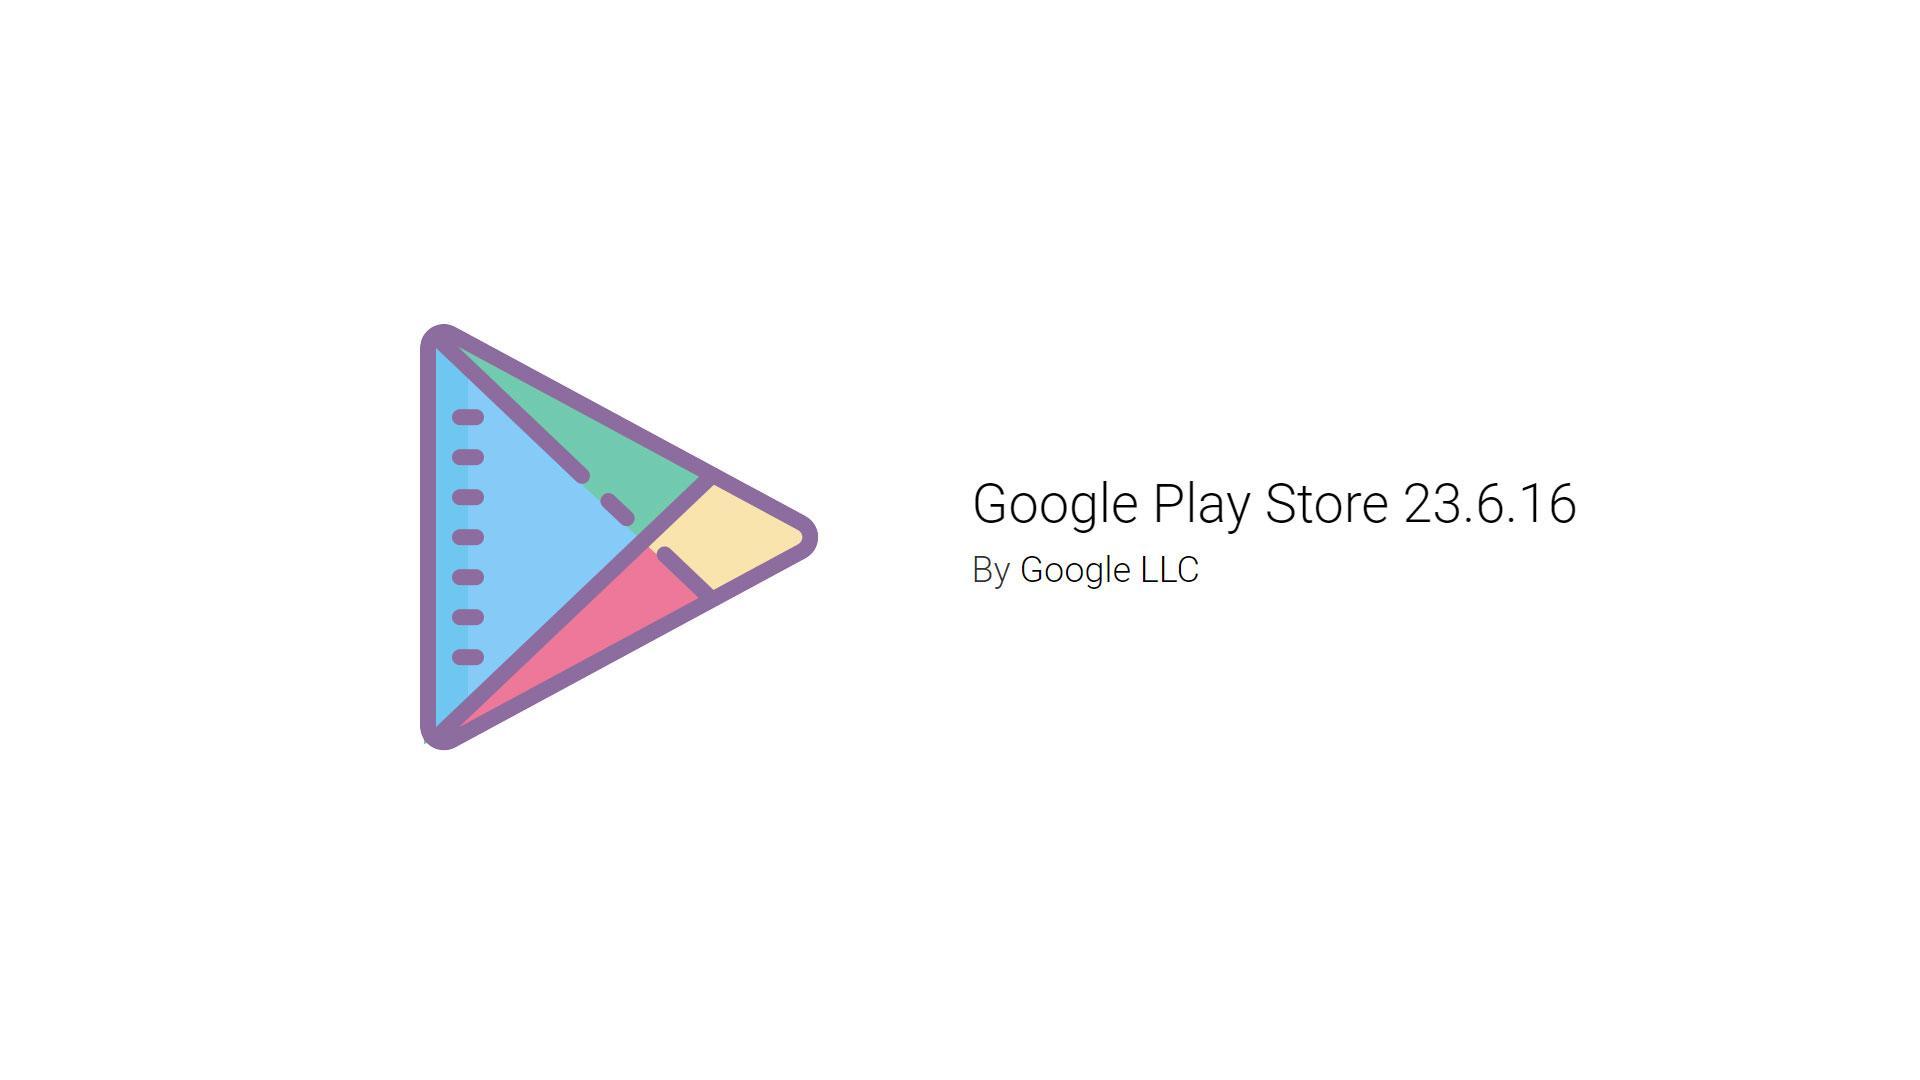 Google Play Store обновился доверсии 23.6.16. Скачиваем